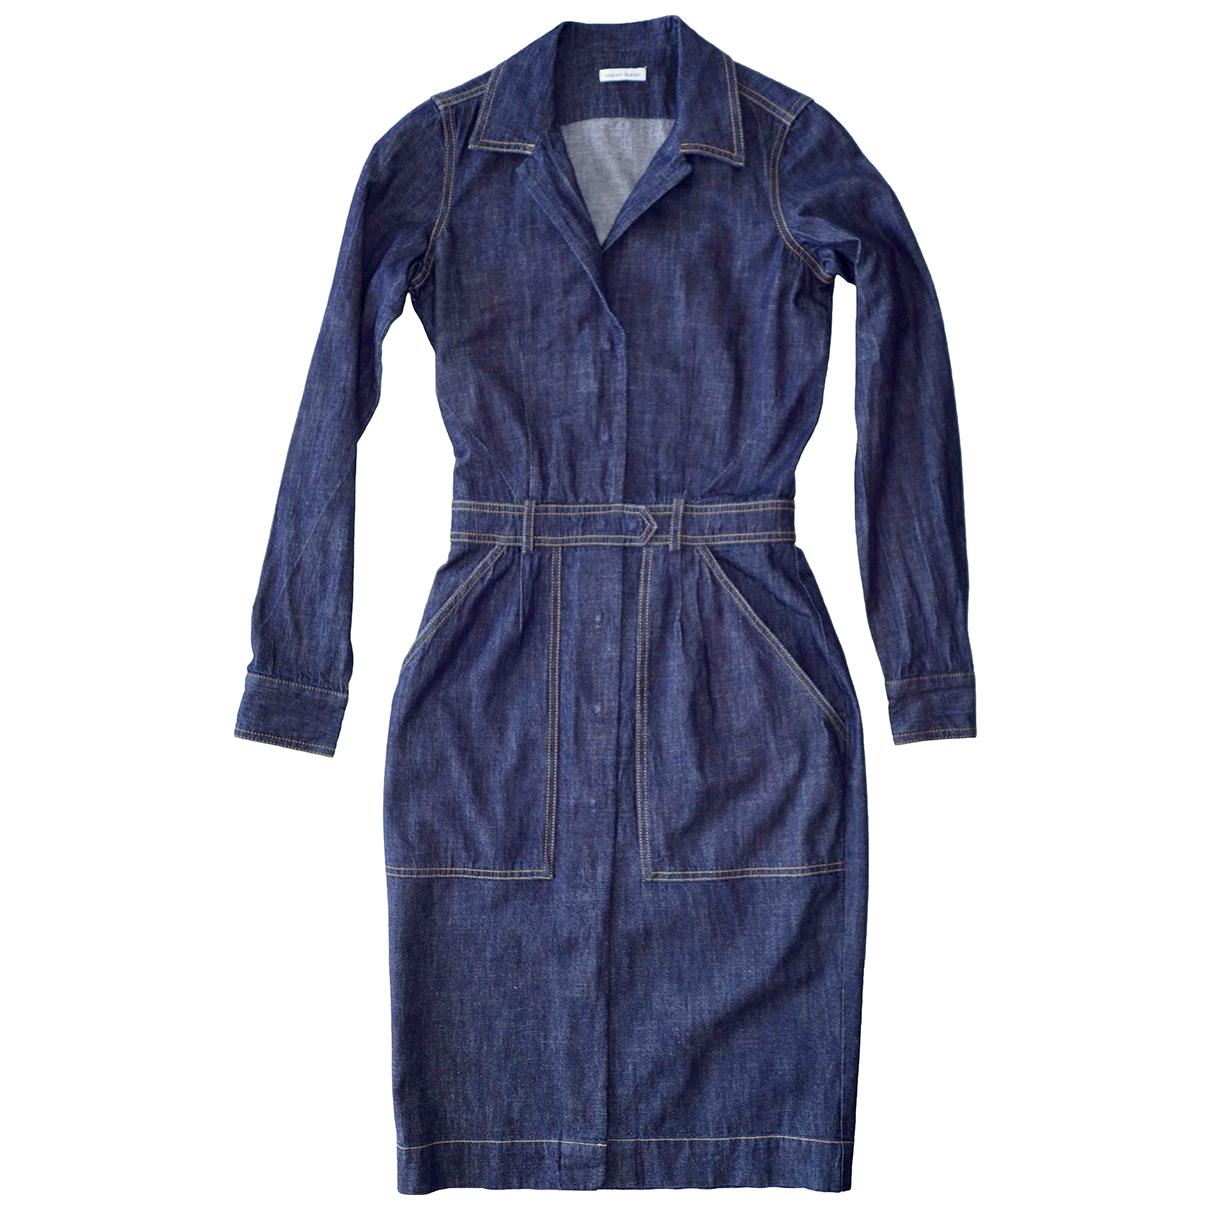 Tomas Maier \N Kleid in  Blau Denim - Jeans